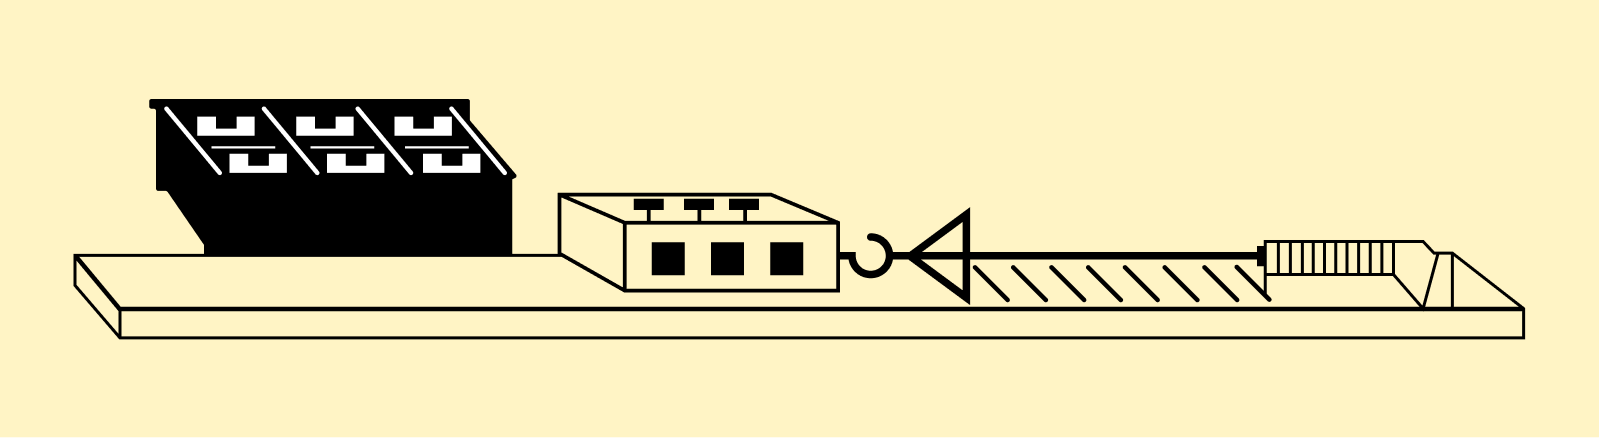 貨物との薄板